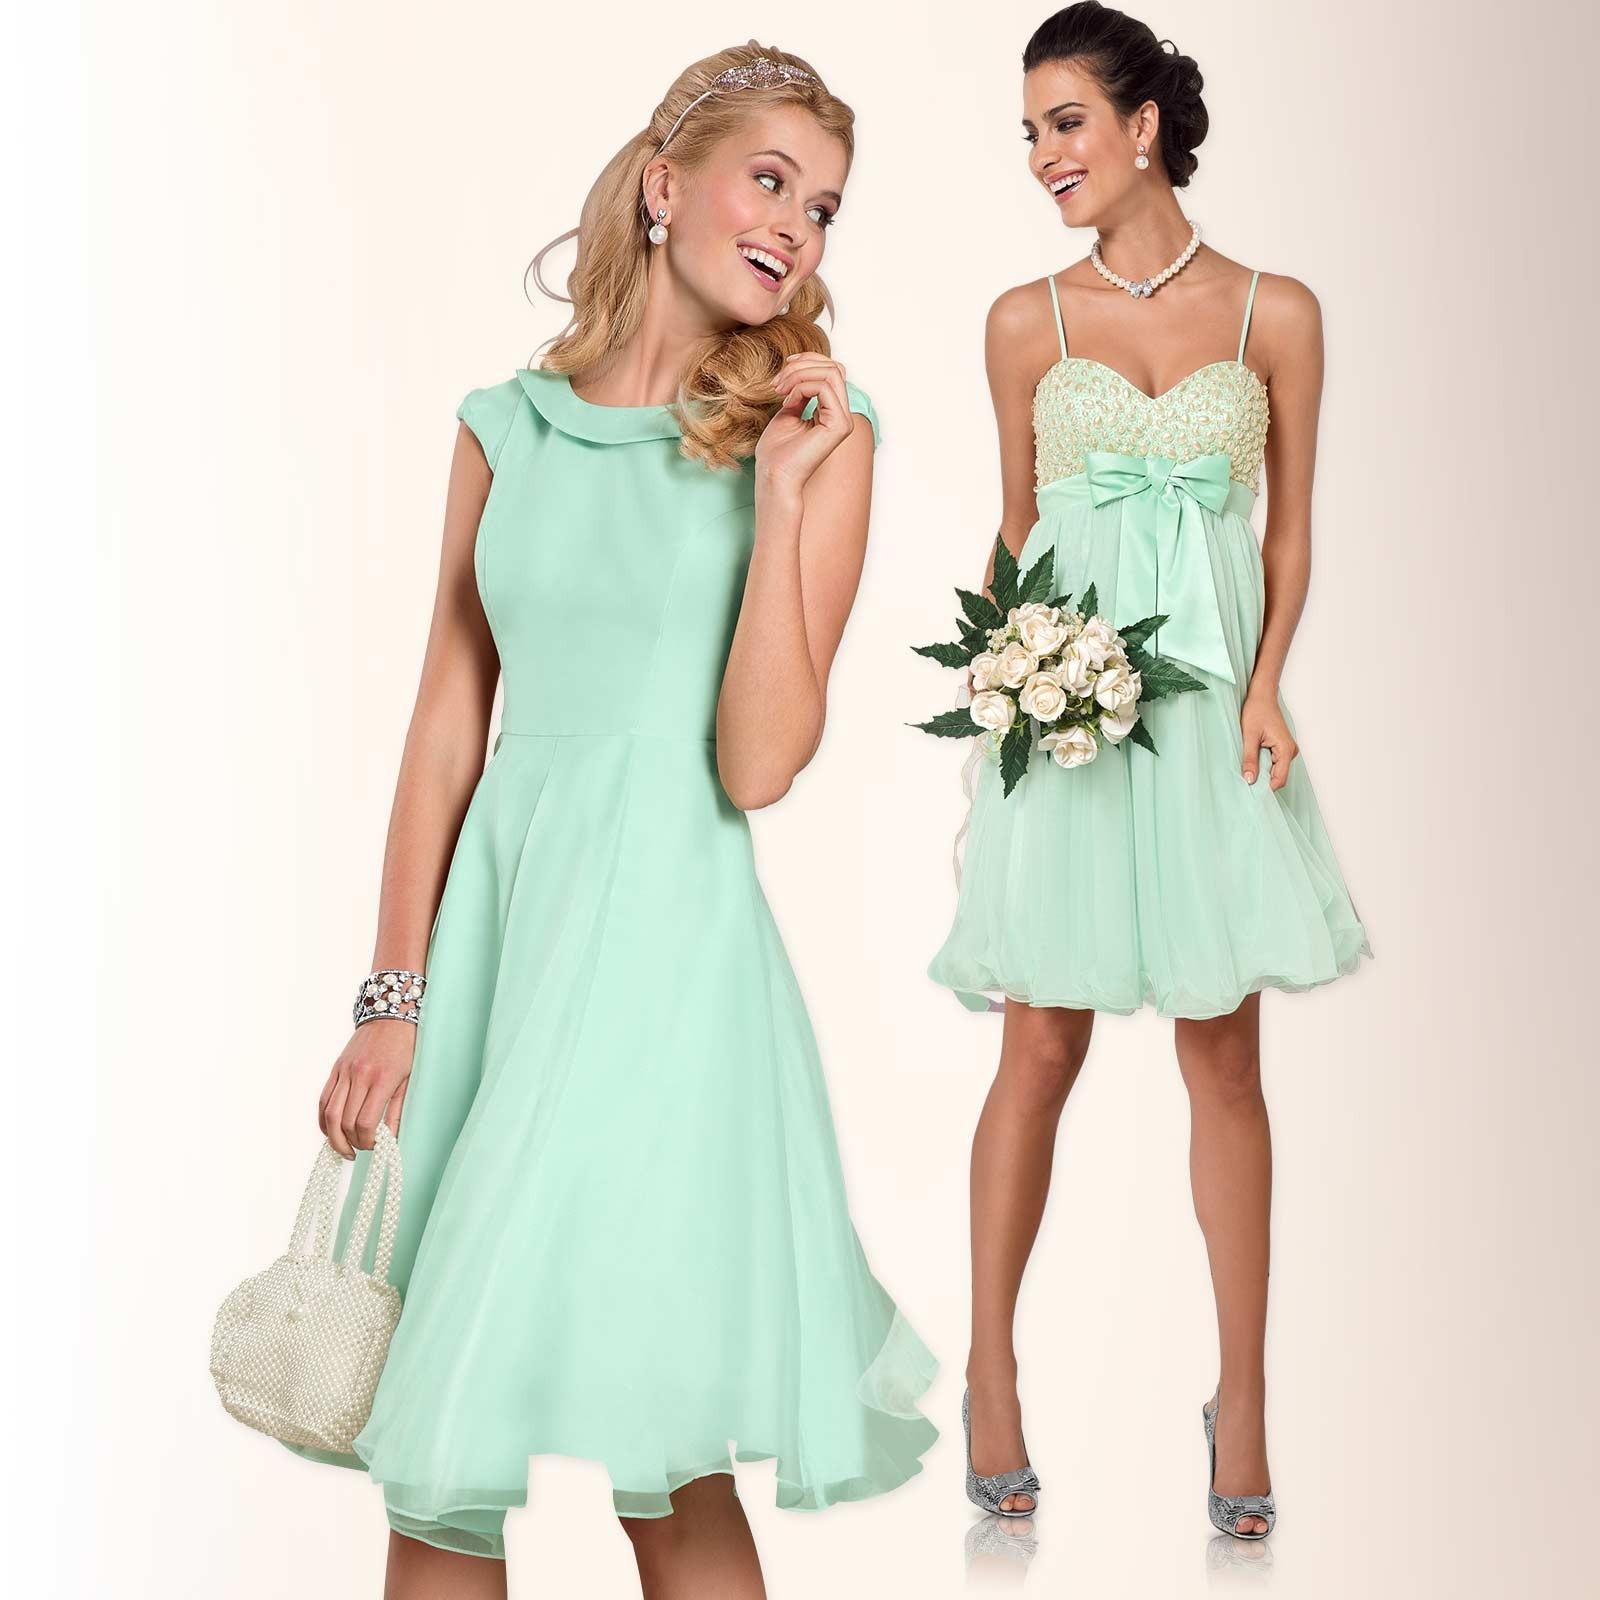 17 Cool Kleider Elegant Hochzeit StylishAbend Perfekt Kleider Elegant Hochzeit Vertrieb